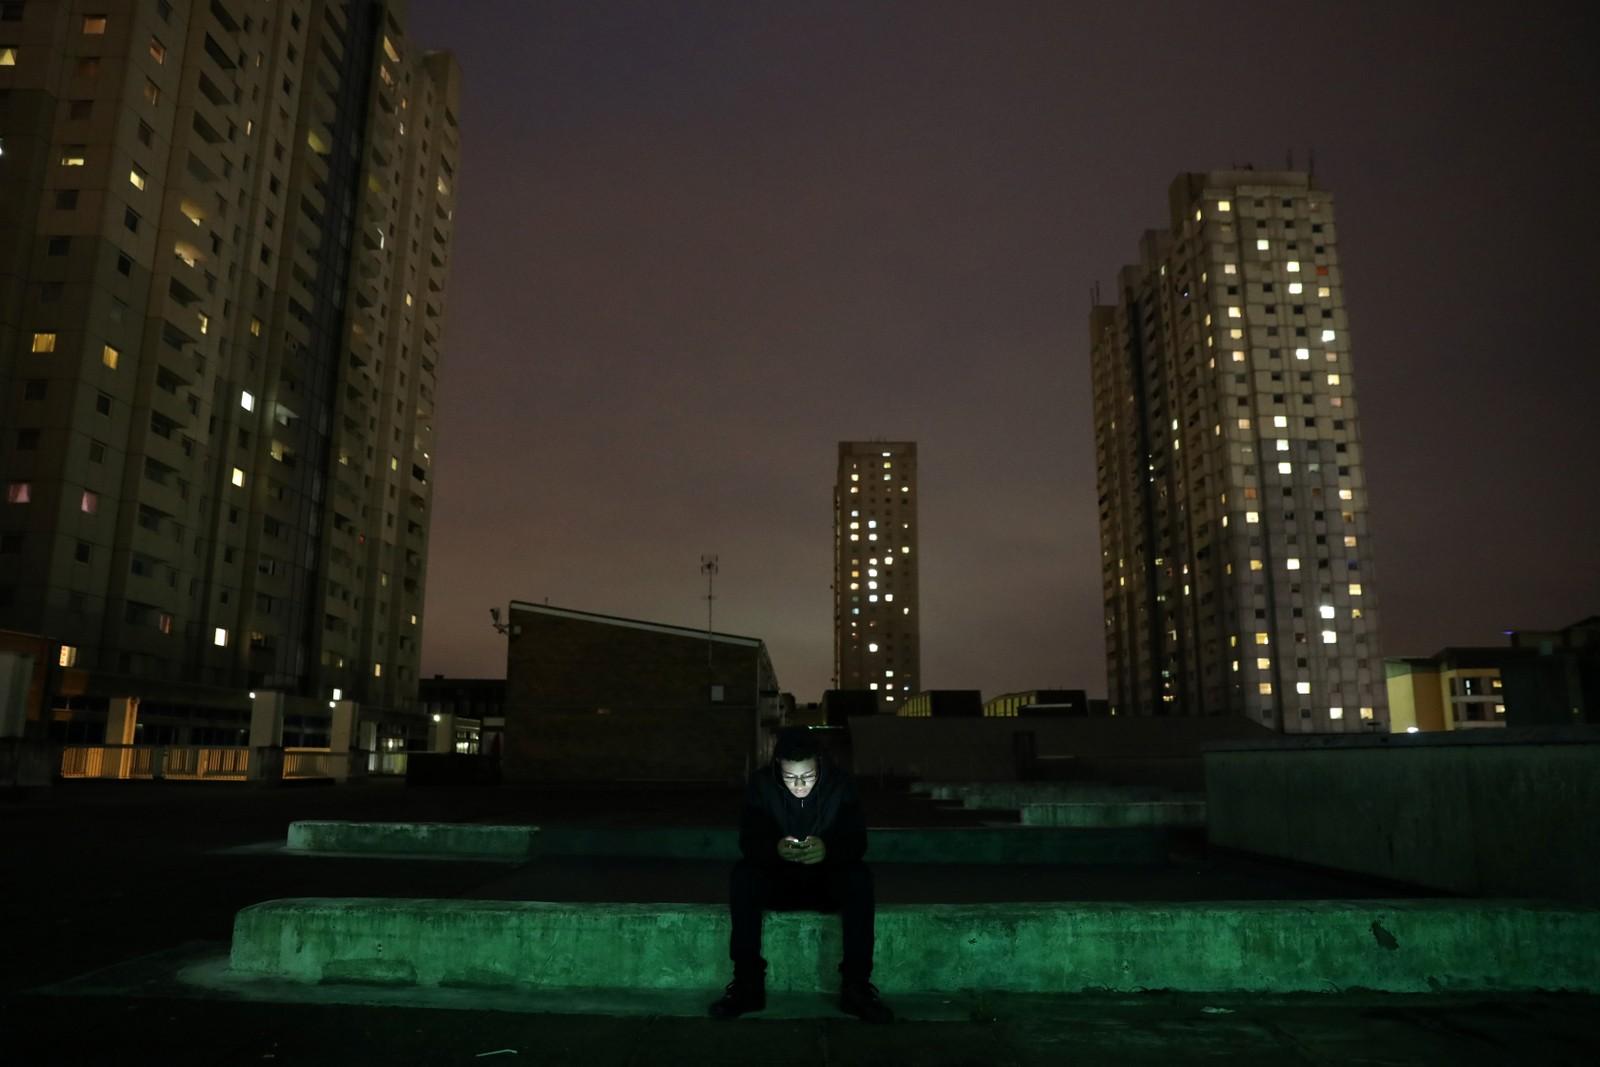 Grime-musikk kjennetegnes av raske rytmer i en blanding av blant annet dancehall og hip hop. Grime-artister som Stormzy og MC Squintz (bildet) er i ferd med å bli store navn innen sjangeren.